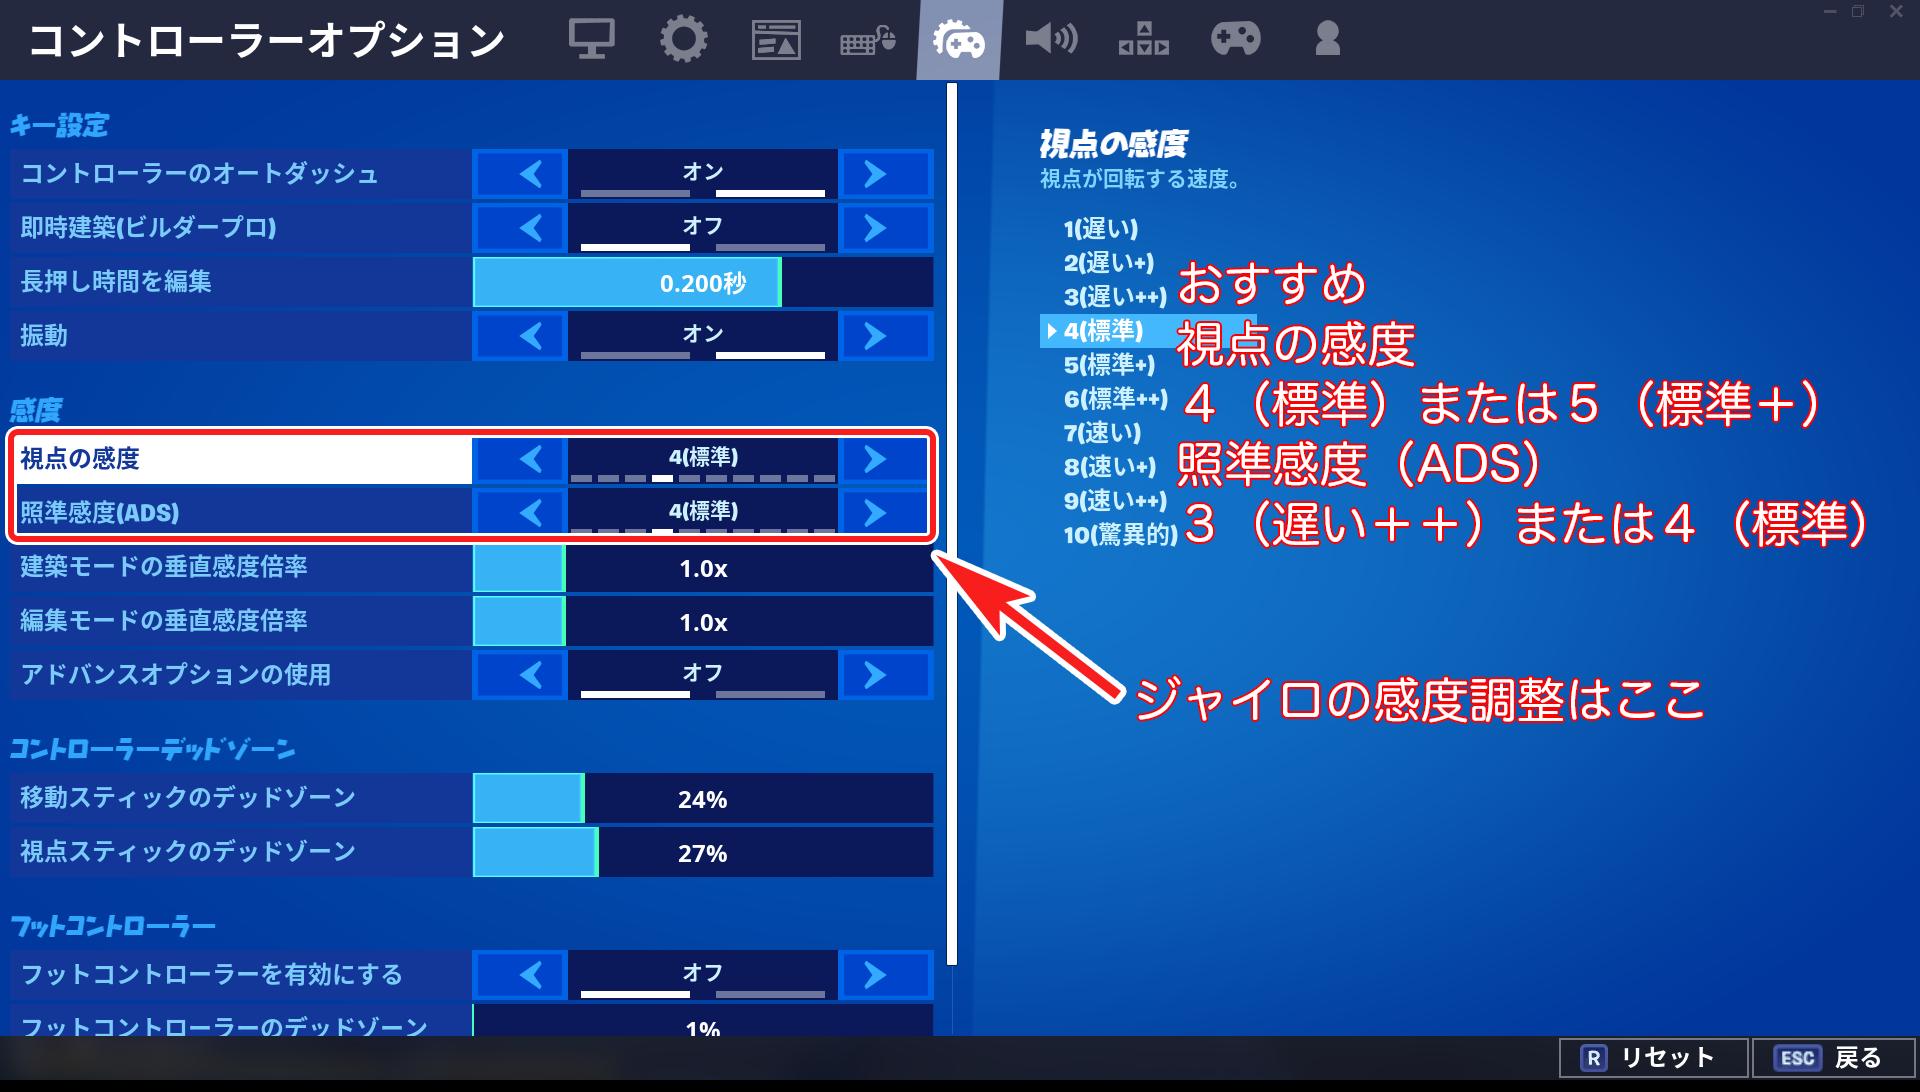 フォート ナイト スイッチ エイム 設定 【フォートナイト】エイムが良くなる設定・方法|switch・初心者